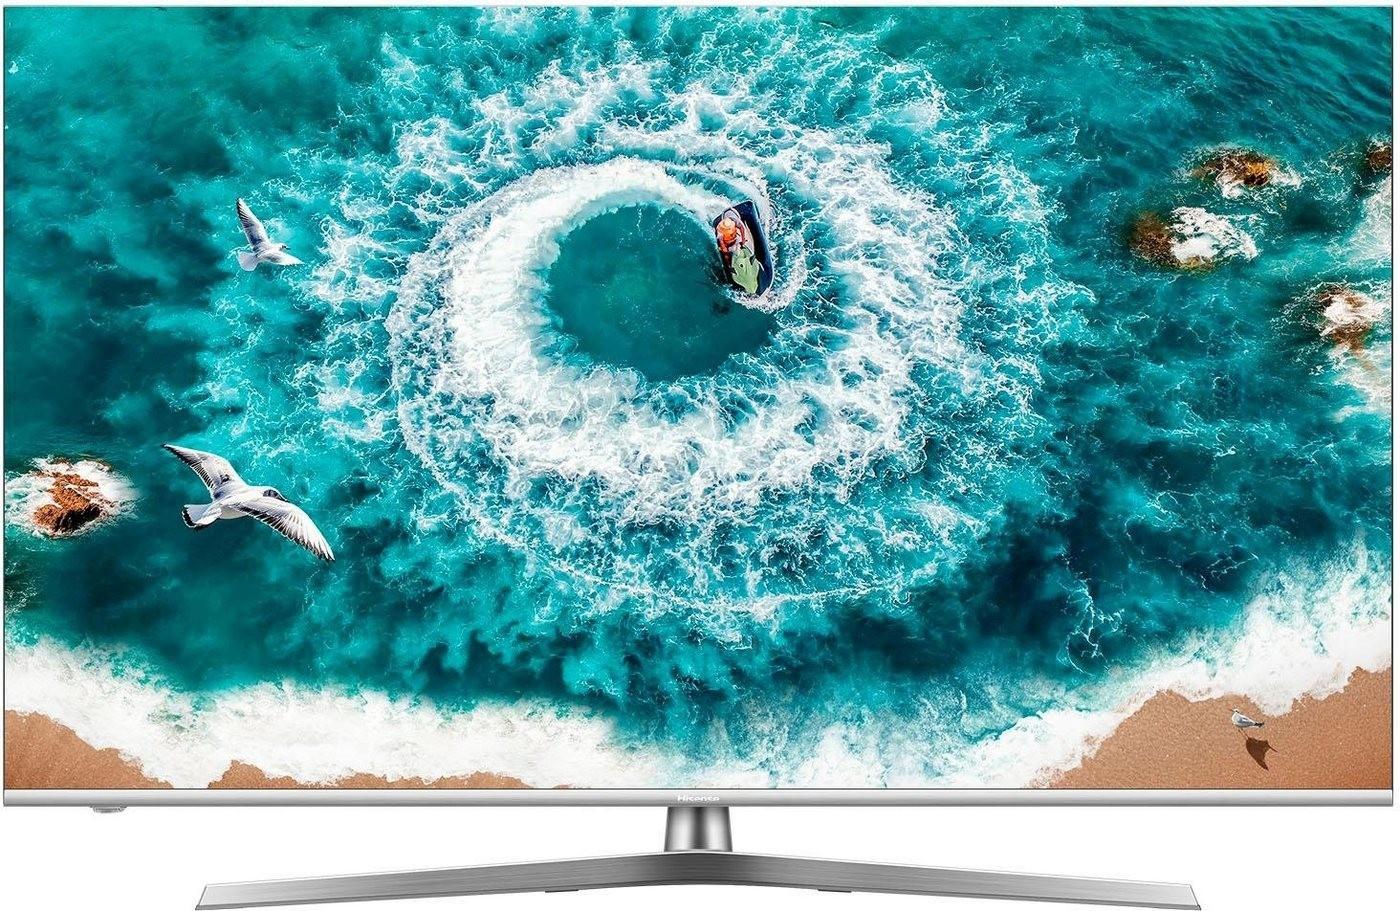 """TV 55"""" Hisense H55U8B - 4K UHD, HDR, ULED, 100 Hz, Dolby Vision & Atmos (+ 29.95€ en SuperPoints) - vendeur Boulanger"""